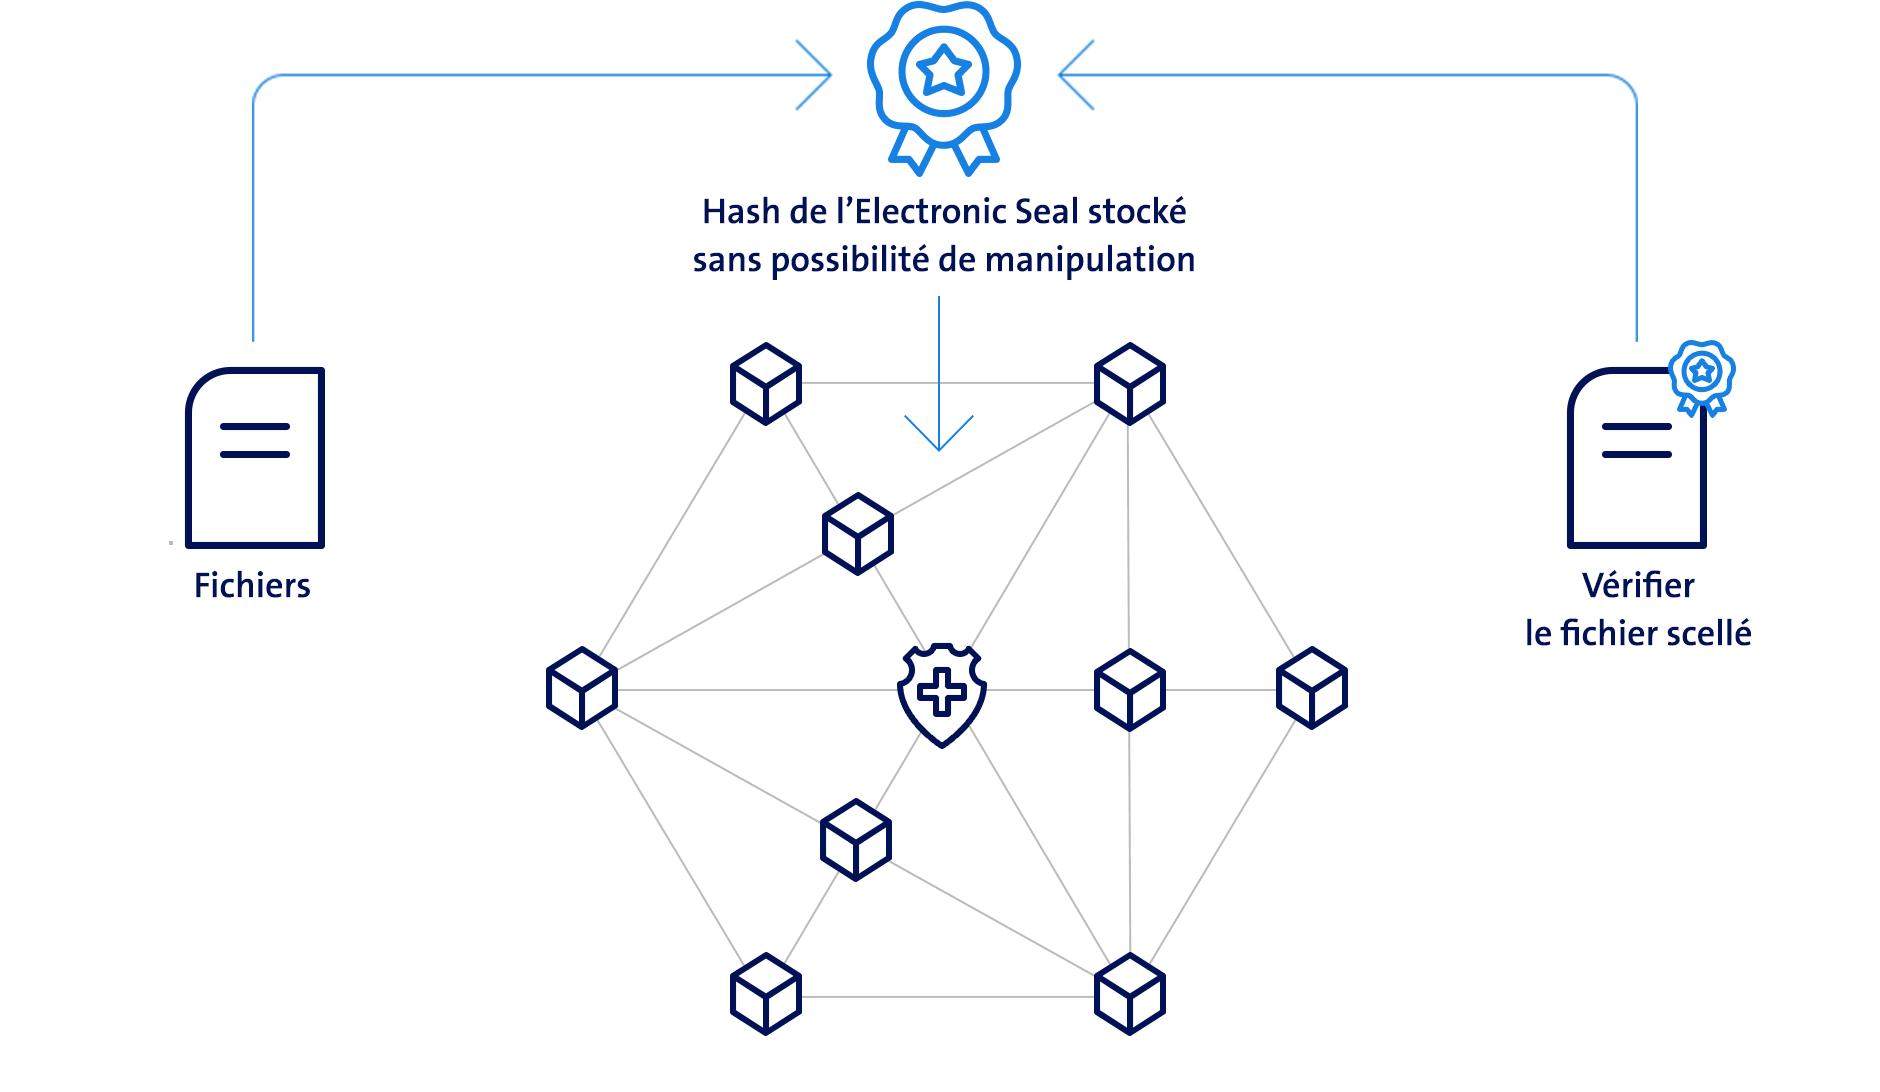 Graphique Signature de blockchain Electronic Seal de Swisscom